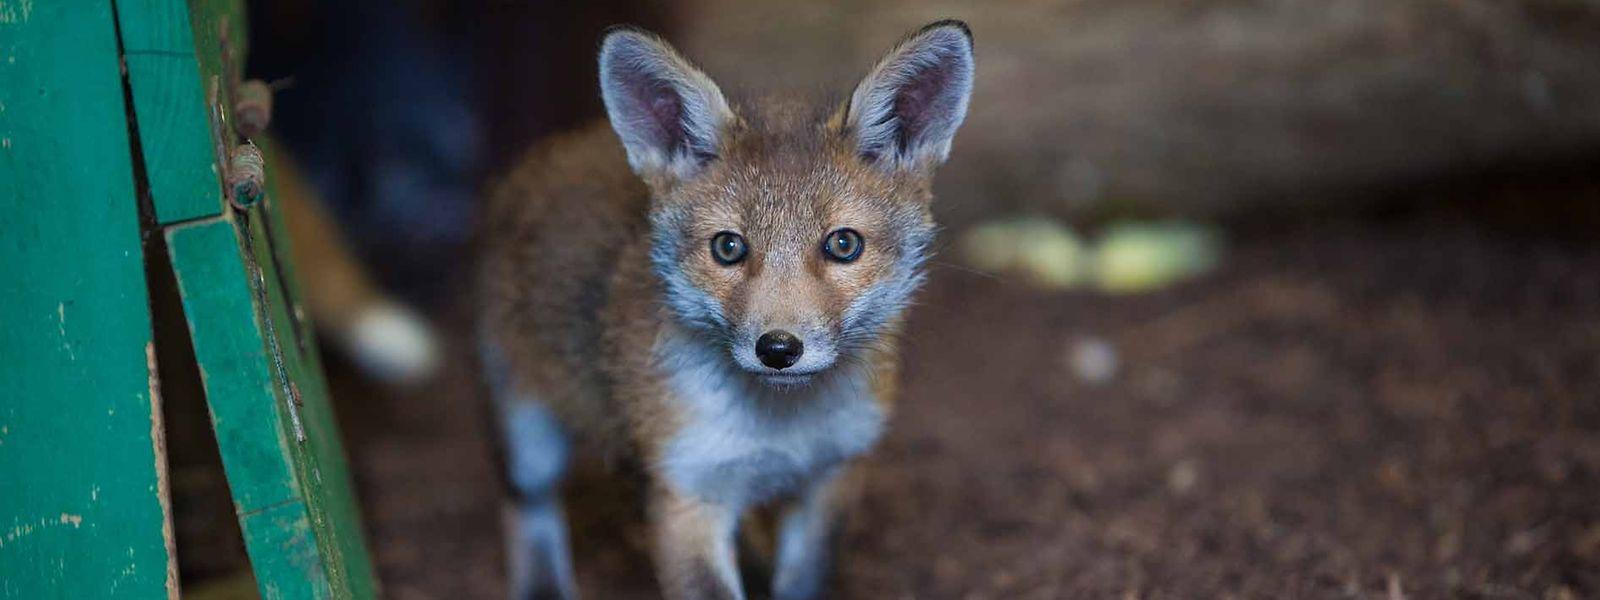 Füchse tragen nicht zur Zerstörung der Biodiversität bei, so Umweltministerin Carole Dieschbourg.